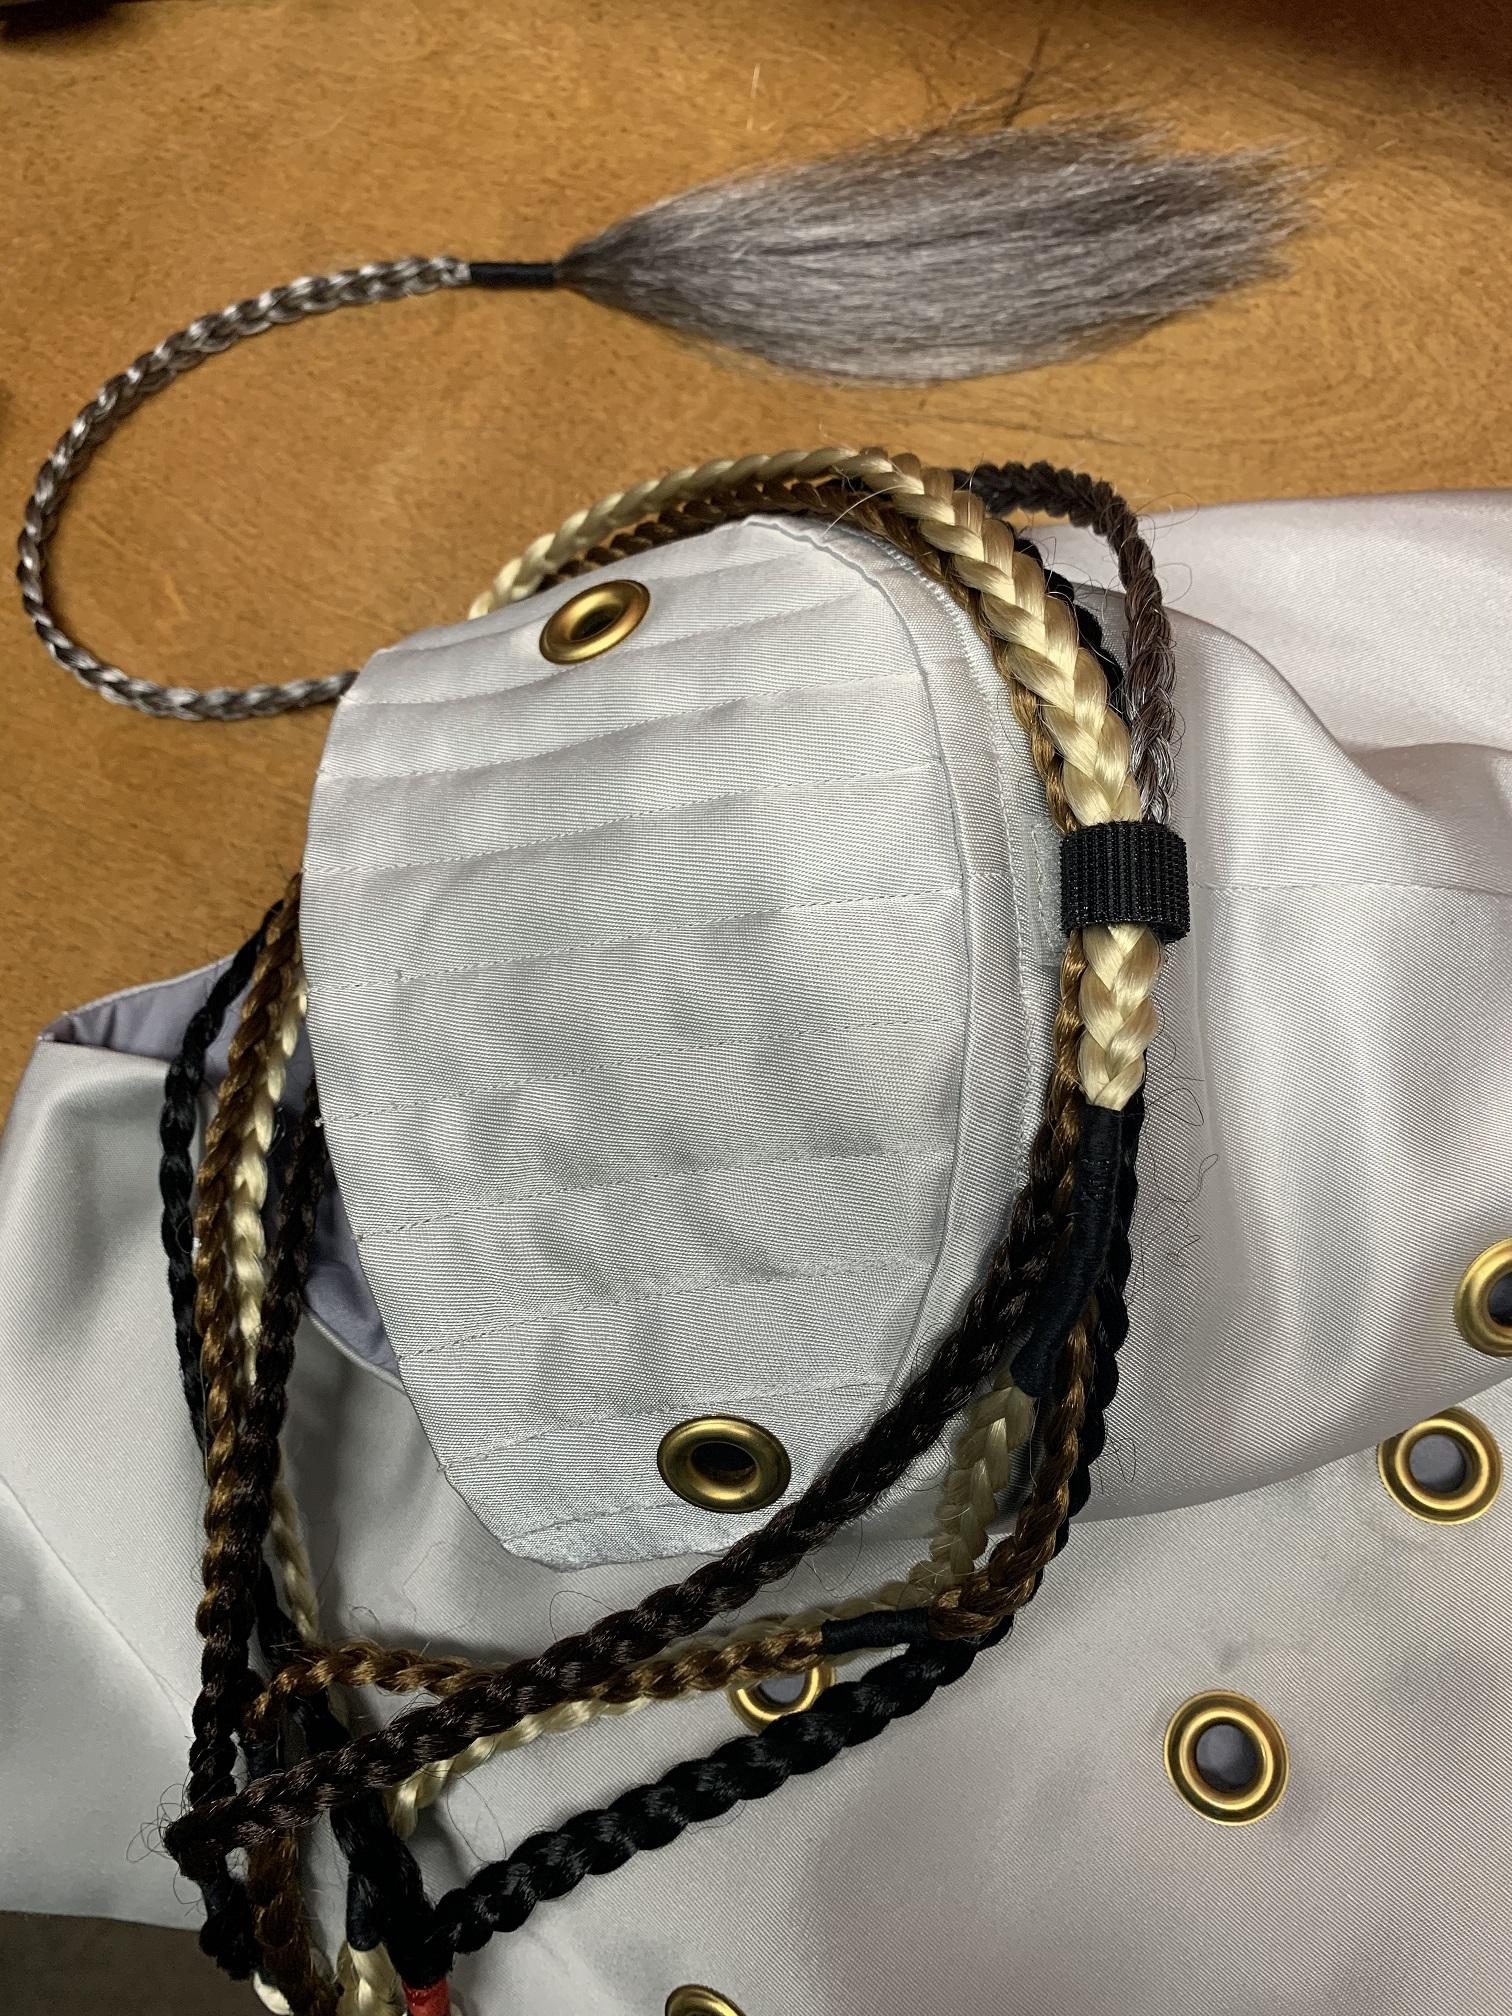 Vest with Wookie Braids Attached.jpg